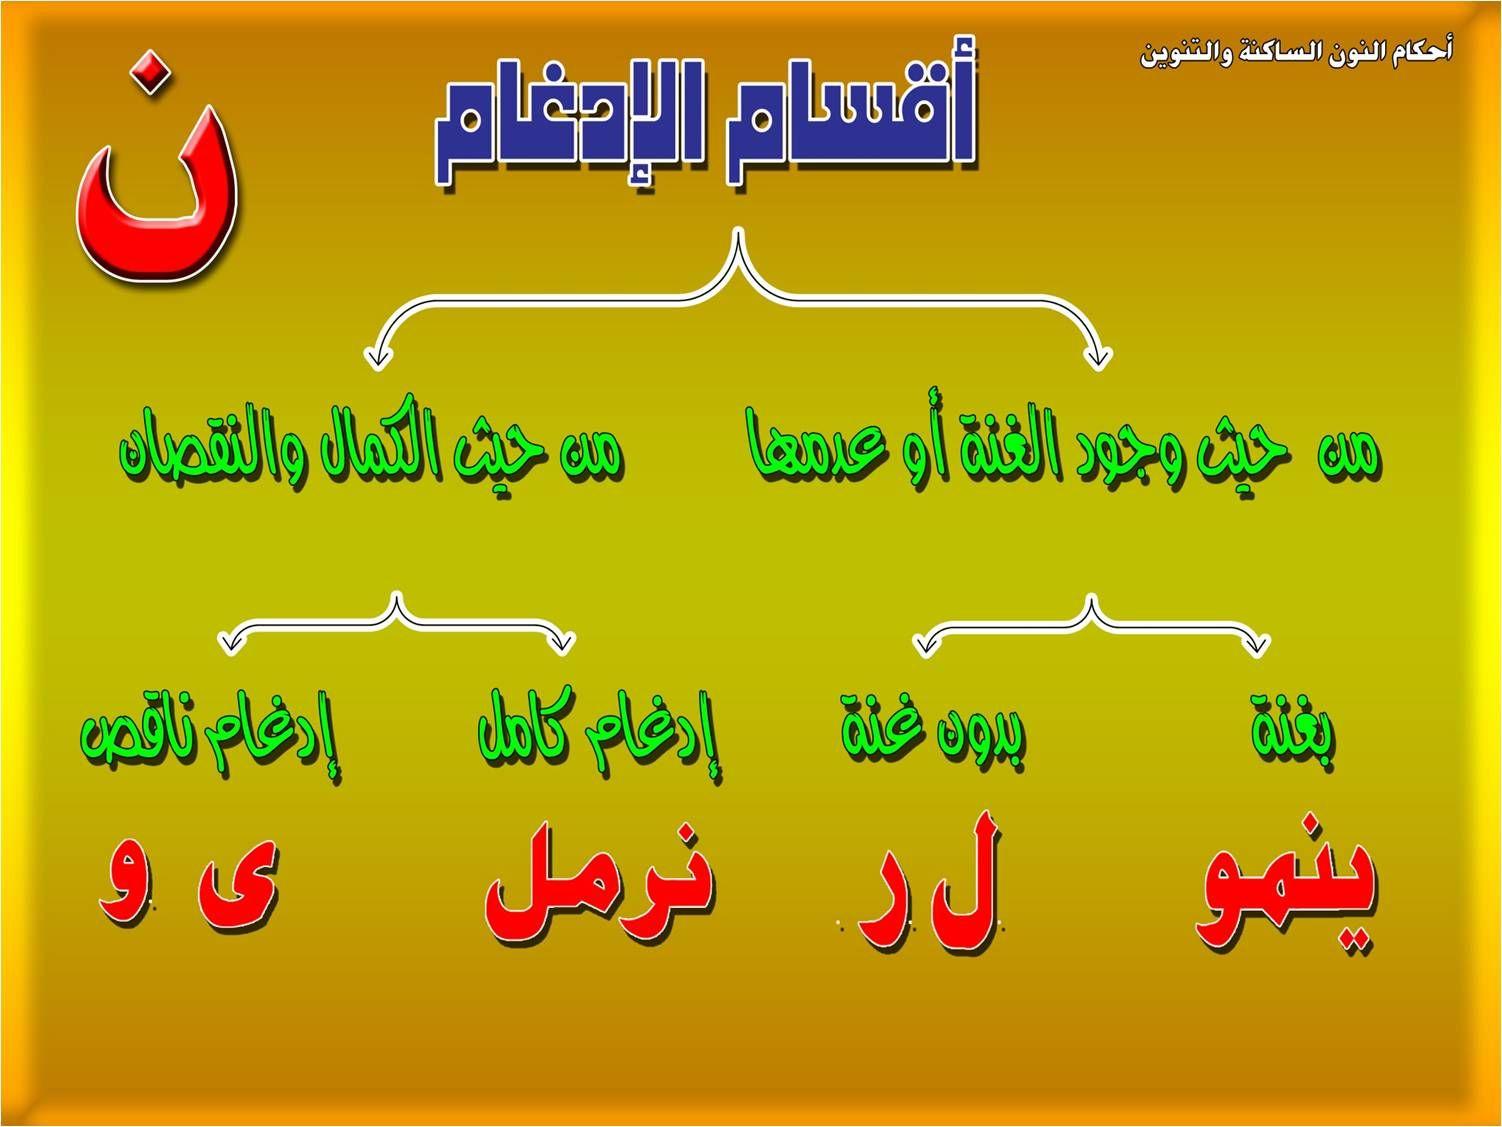 الفرق بين الادغام الكامل والناقص بحث Google Quran Verses Quran Verses